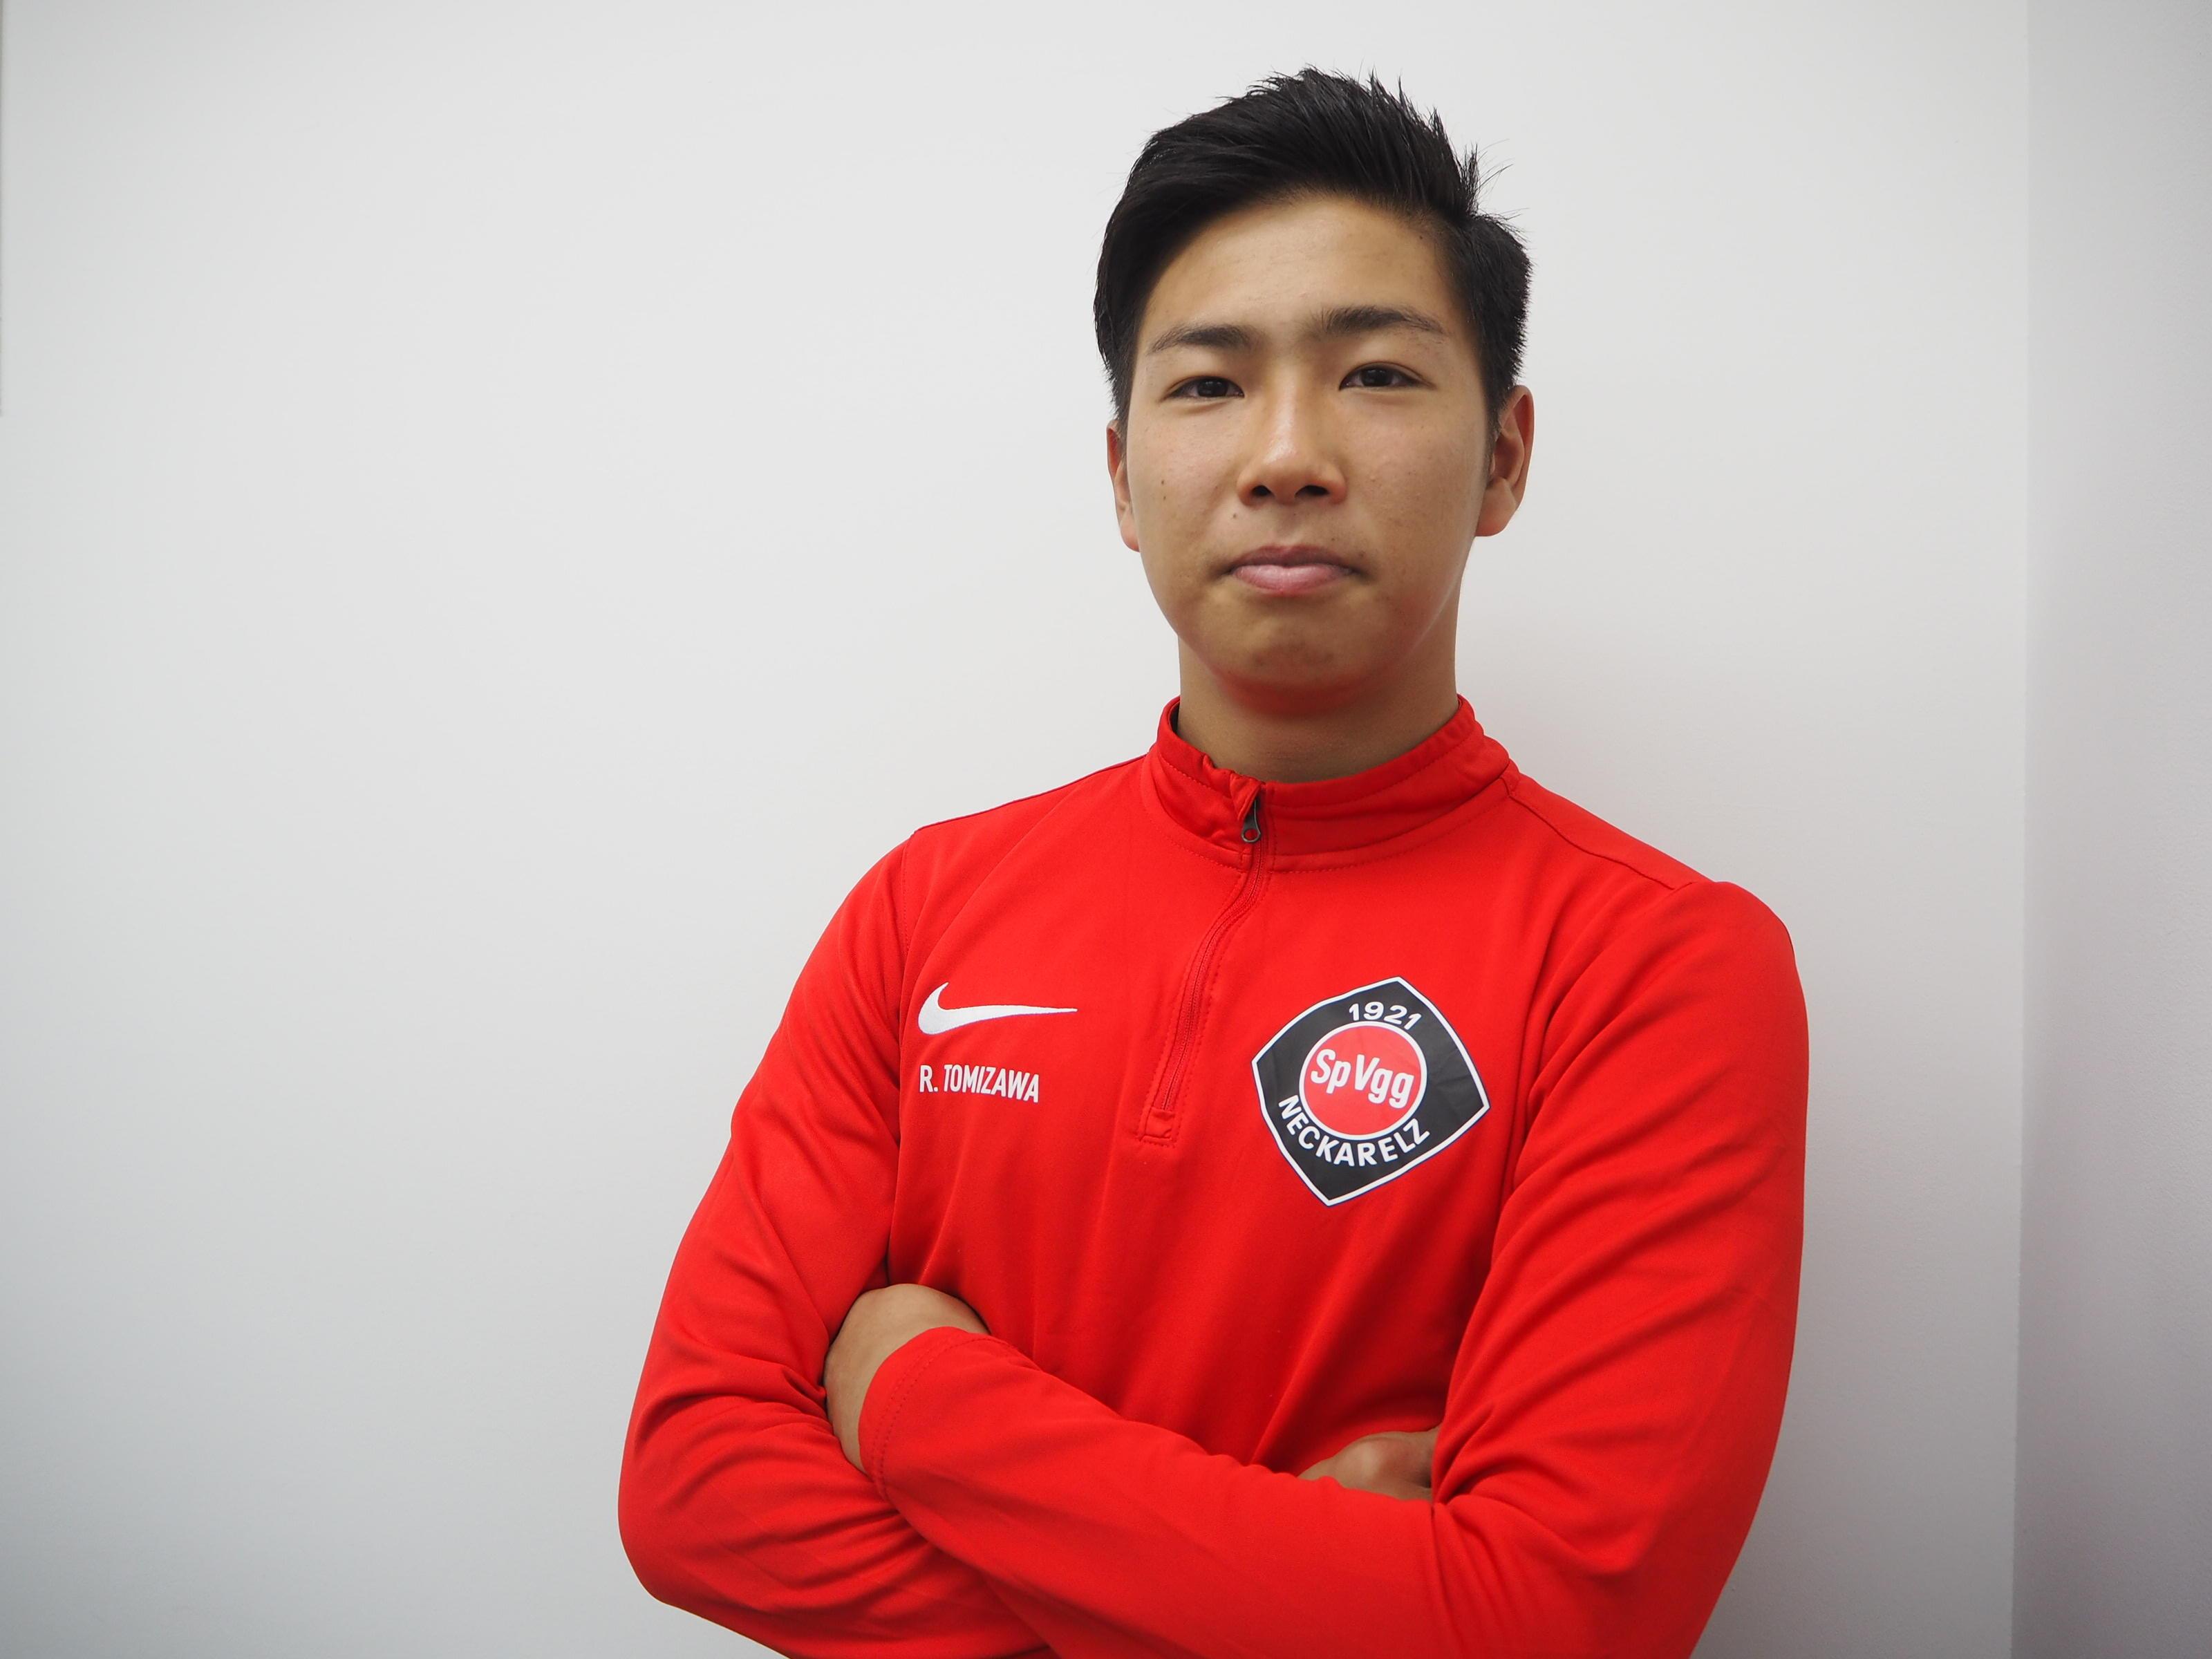 帝京サッカー部、冨澤くんのドイツへの挑戦!3か月で得たものとは?